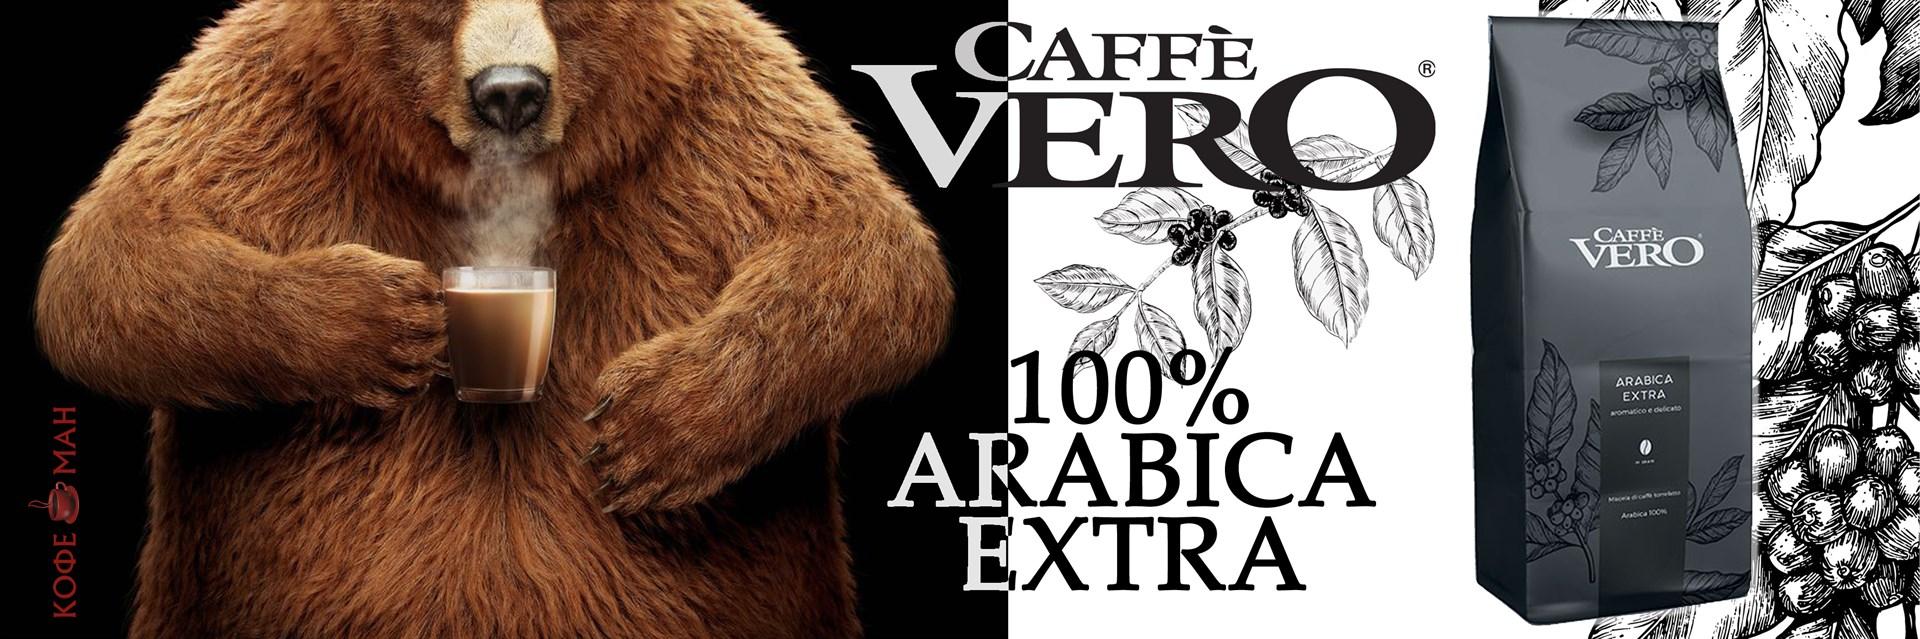 Vero_ArabicaExtra